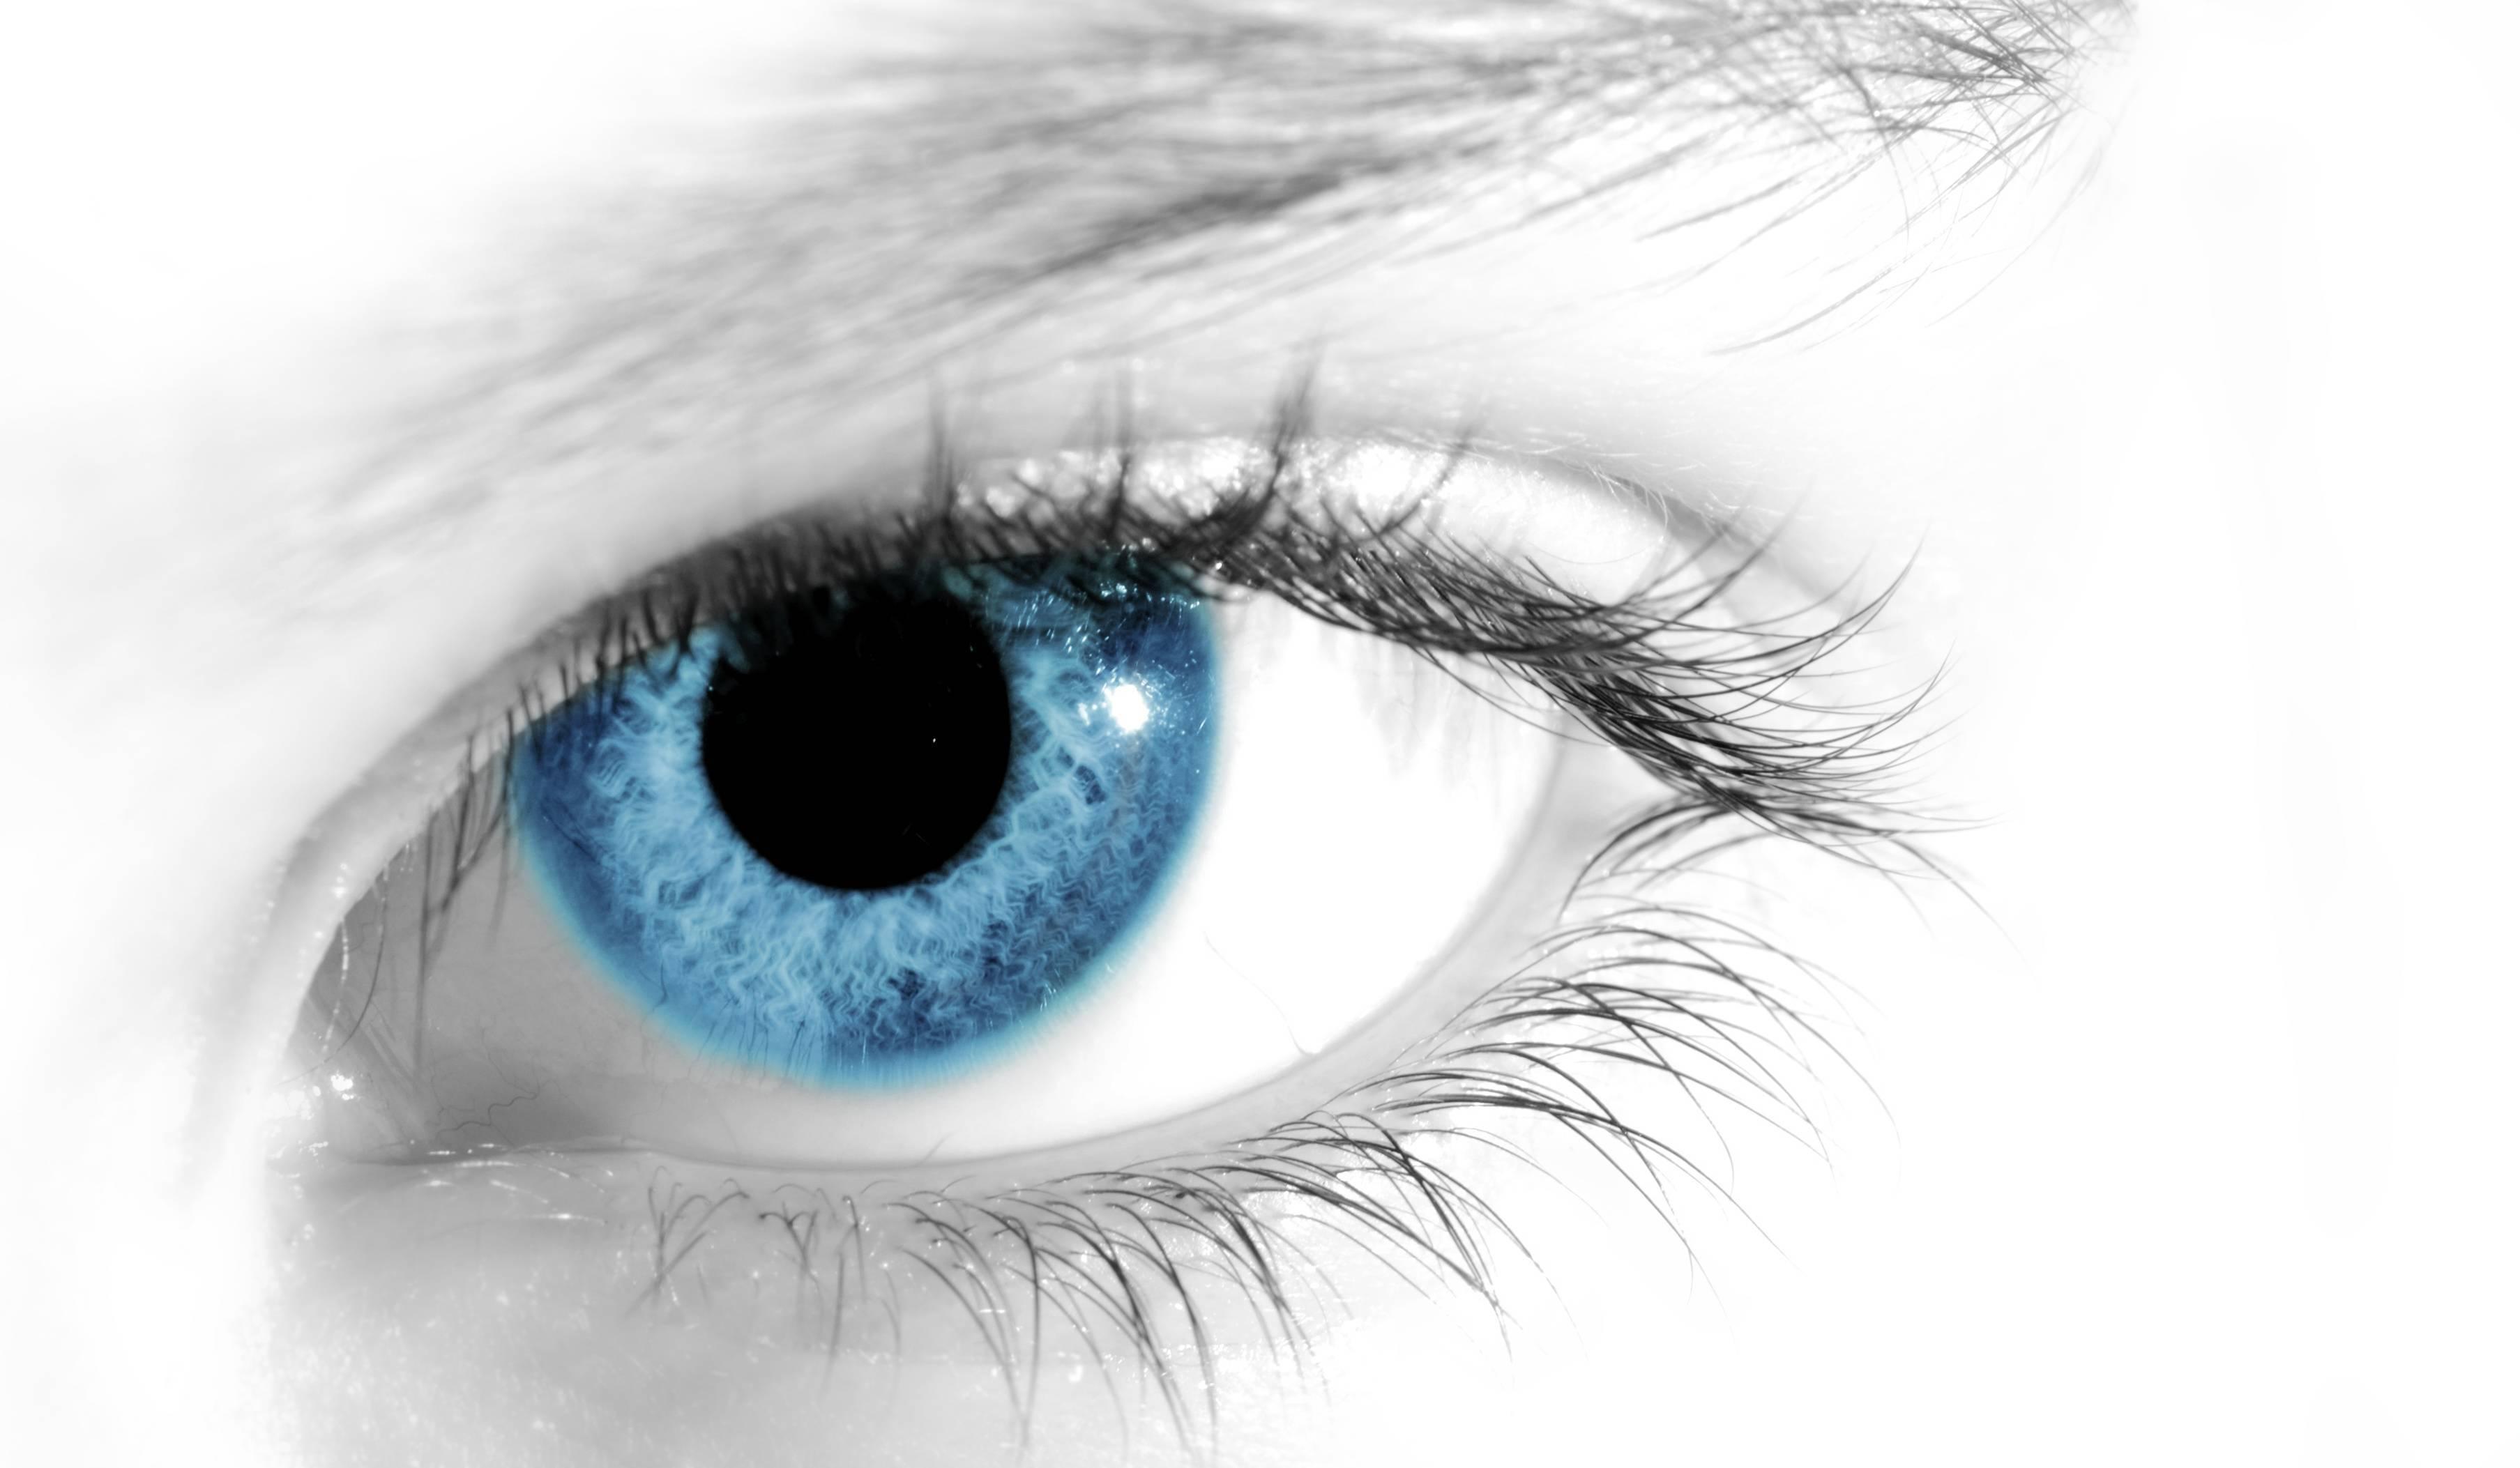 Сколько кадров в секунду видит человеческий глаз?